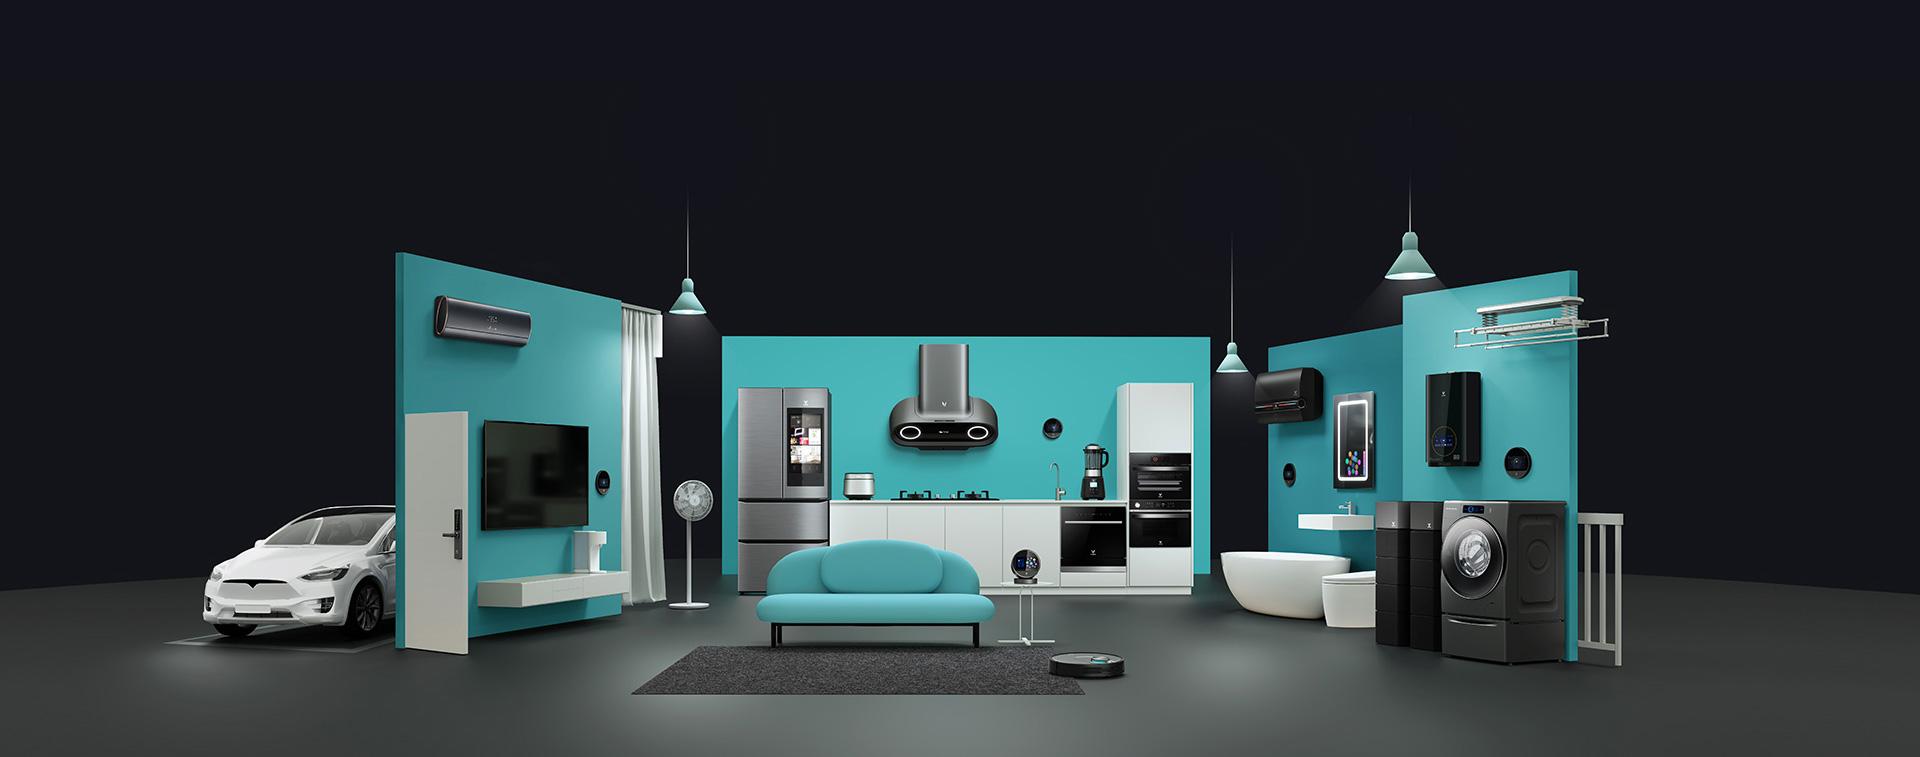 Viomi reklamuje się hasłem IoT@Home